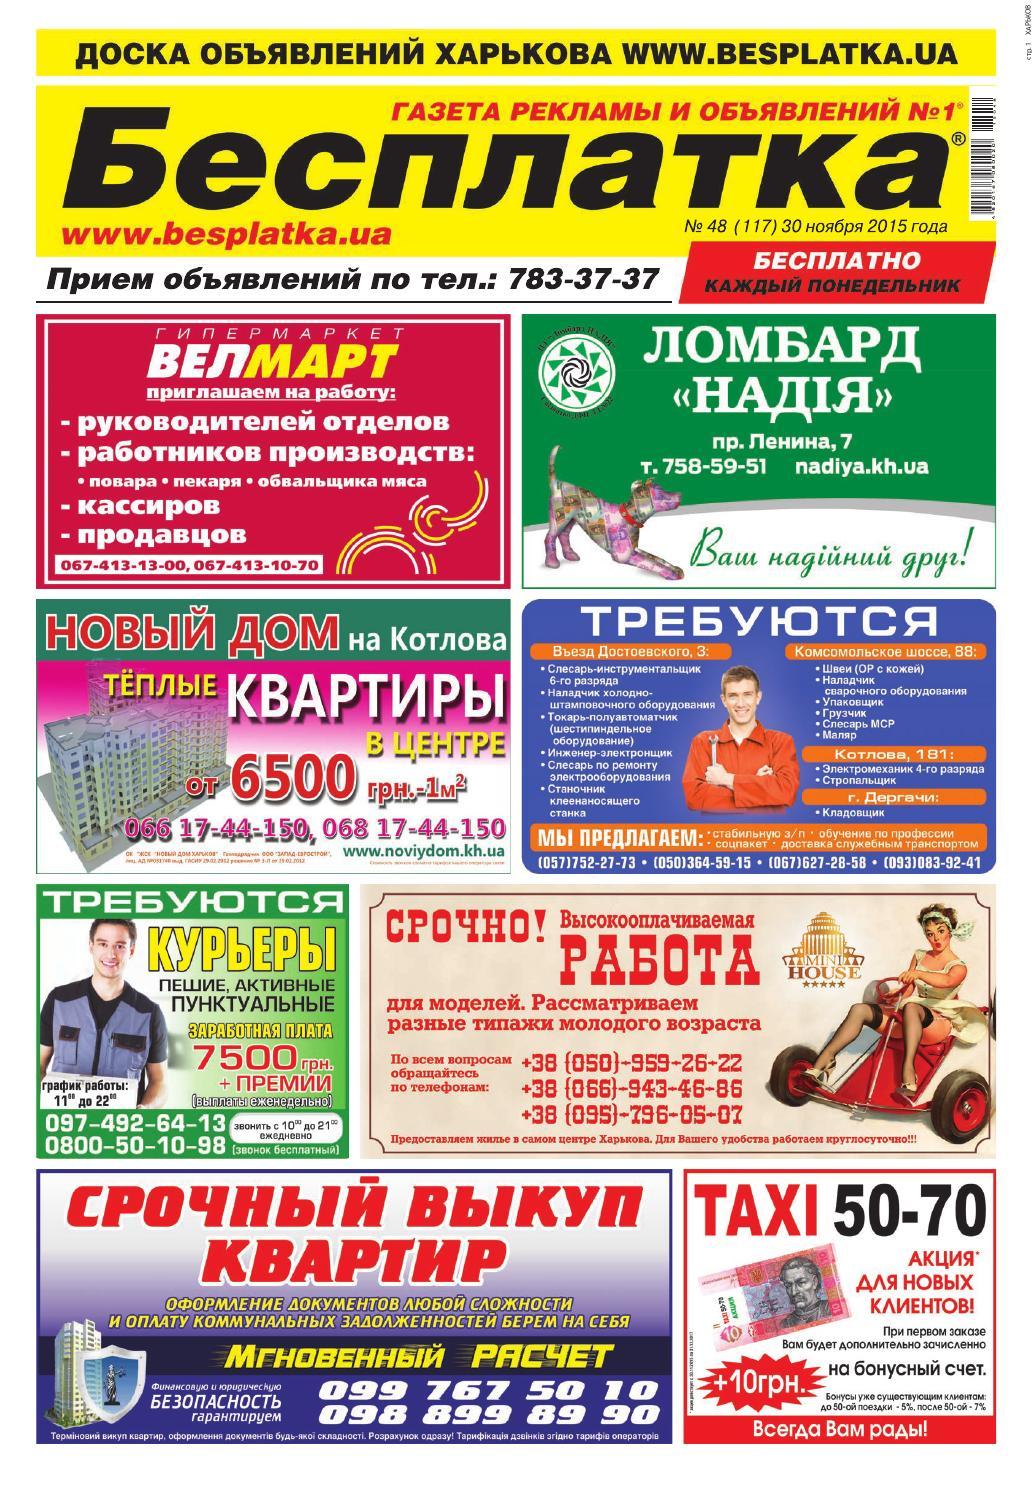 dd708dbed0b Besplatka  48 Харьков by besplatka ukraine - issuu